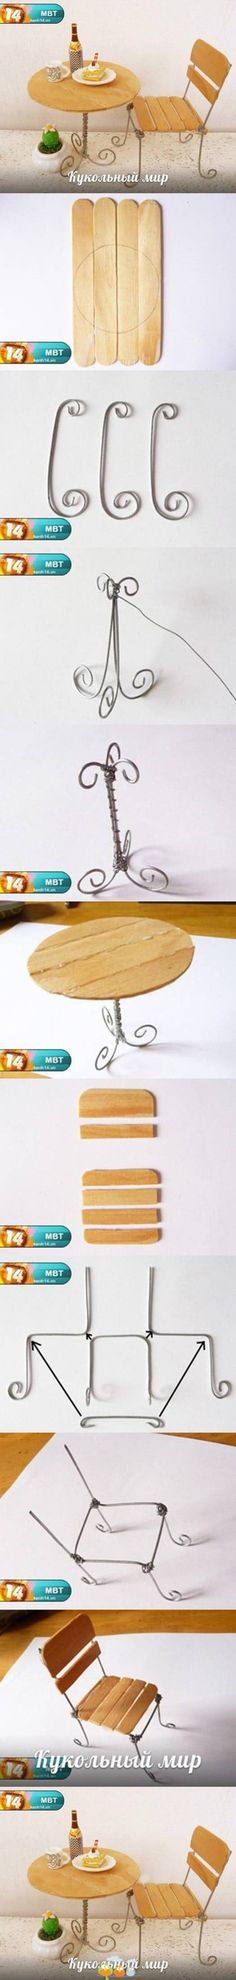 DIY手工课堂